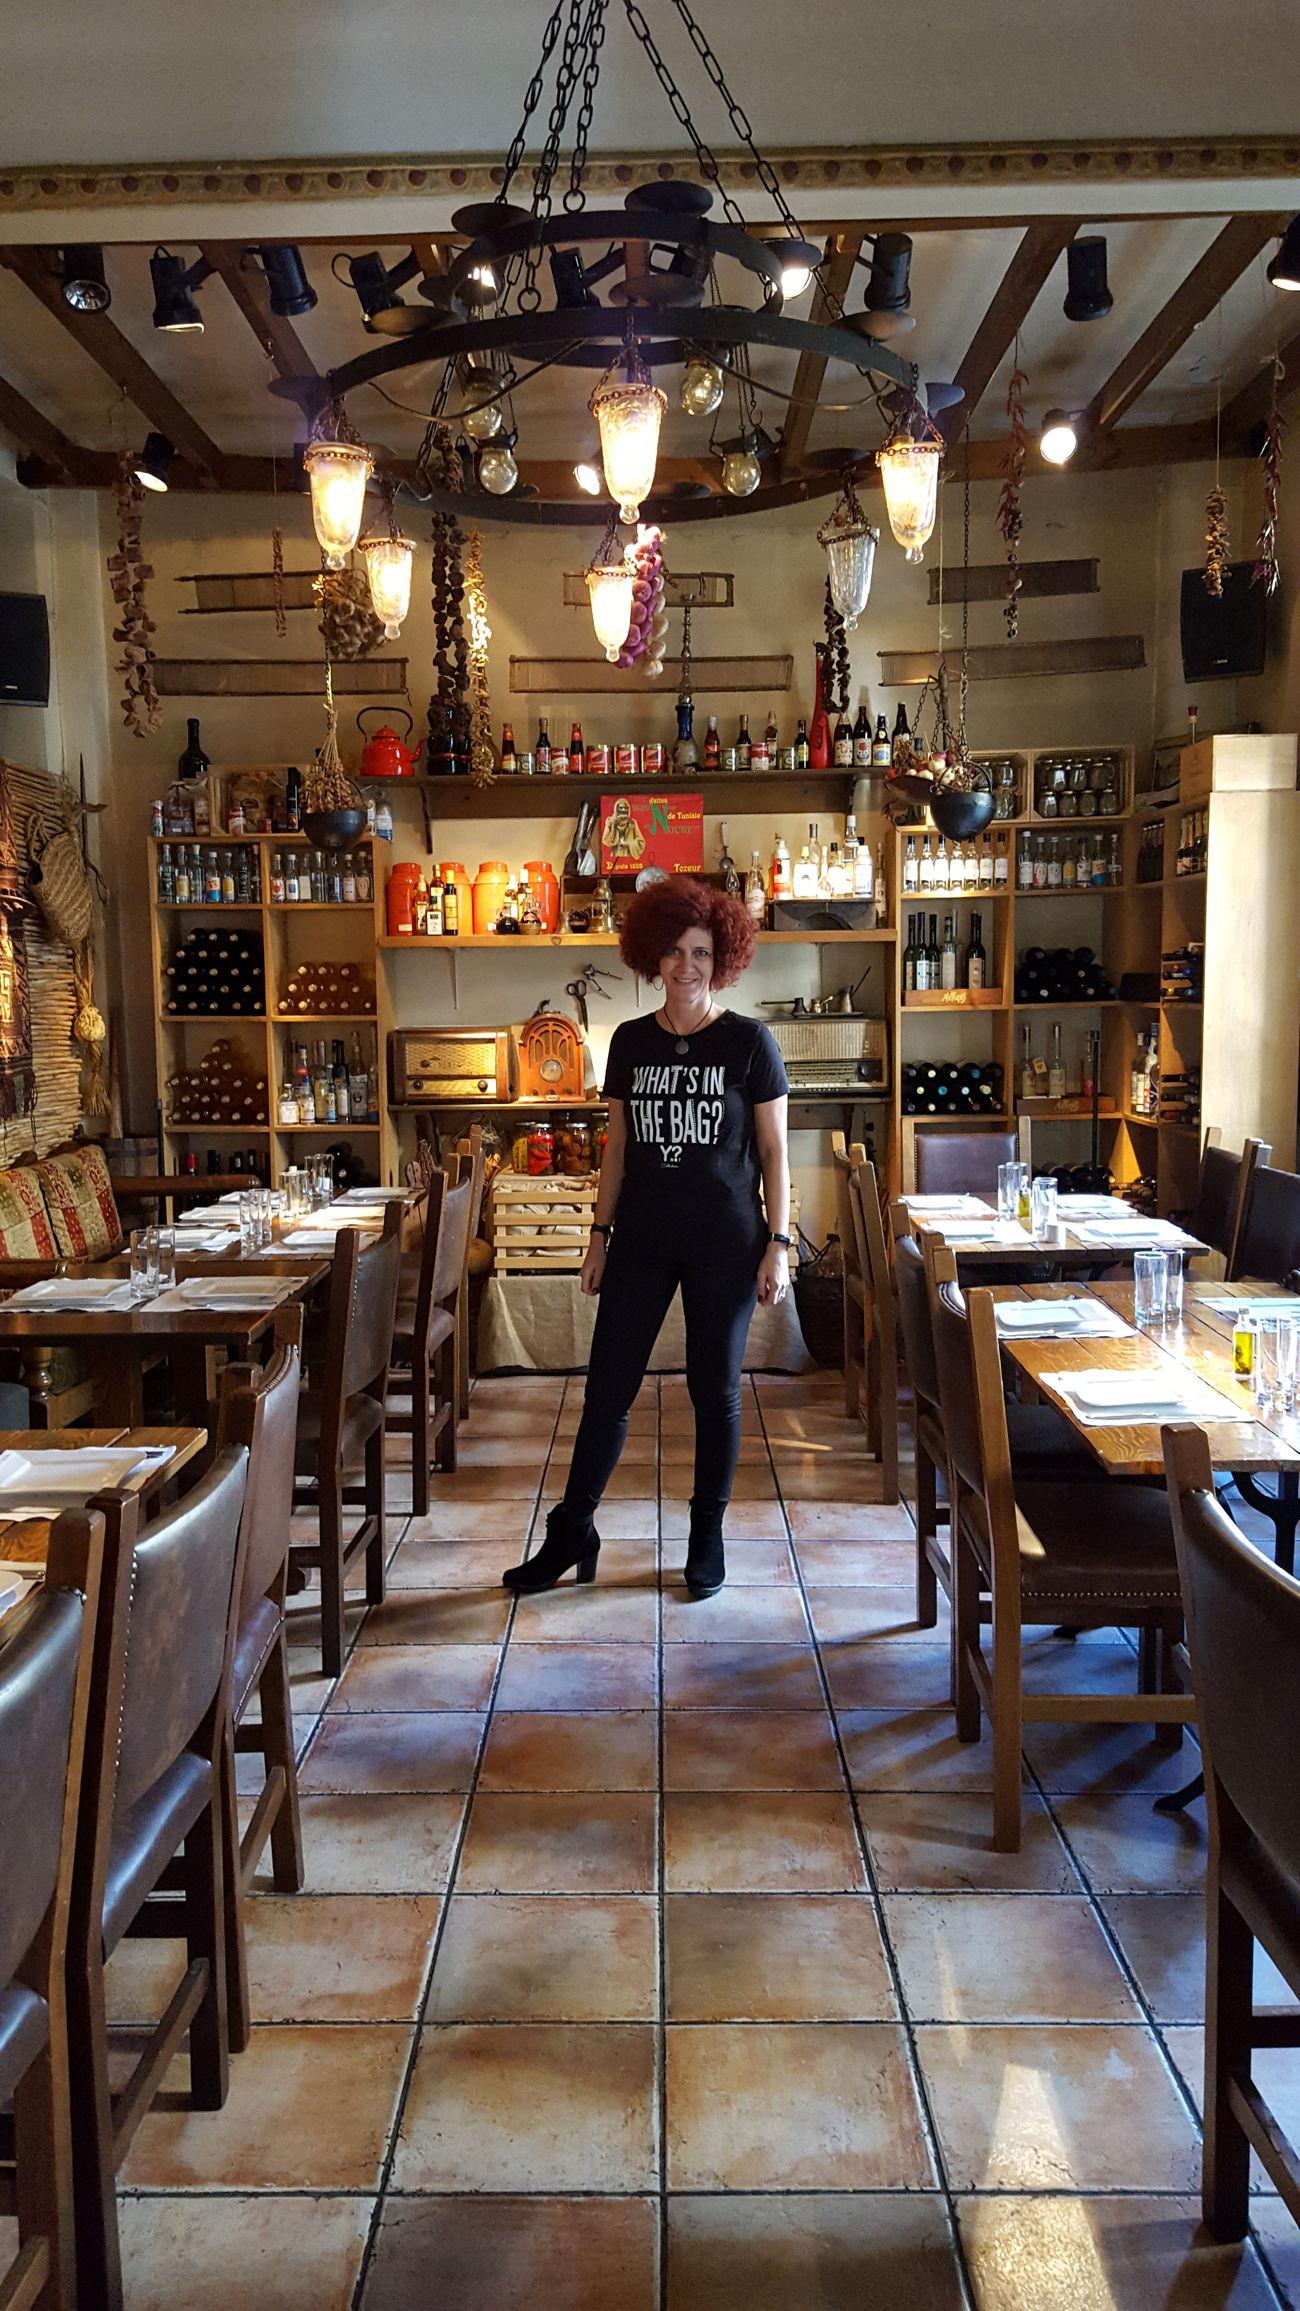 People Indoors  Standing Restaurant Restaurant Art